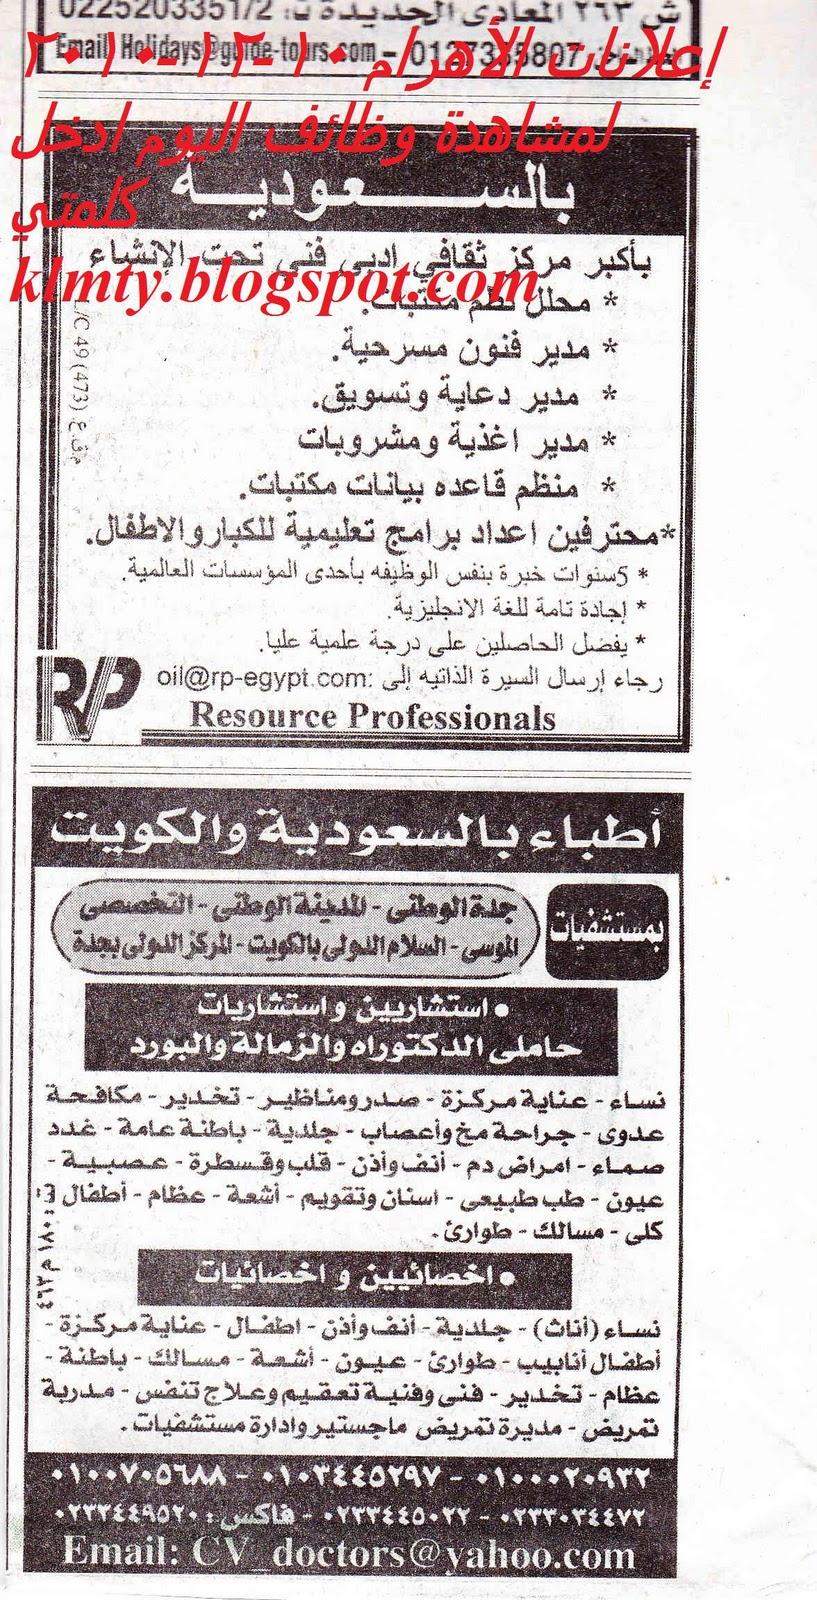 وظائف أهرام الجمعه 10/12/2010: http://goldpricesandcurrency.blogspot.com/2010/12/10122010_4331.html